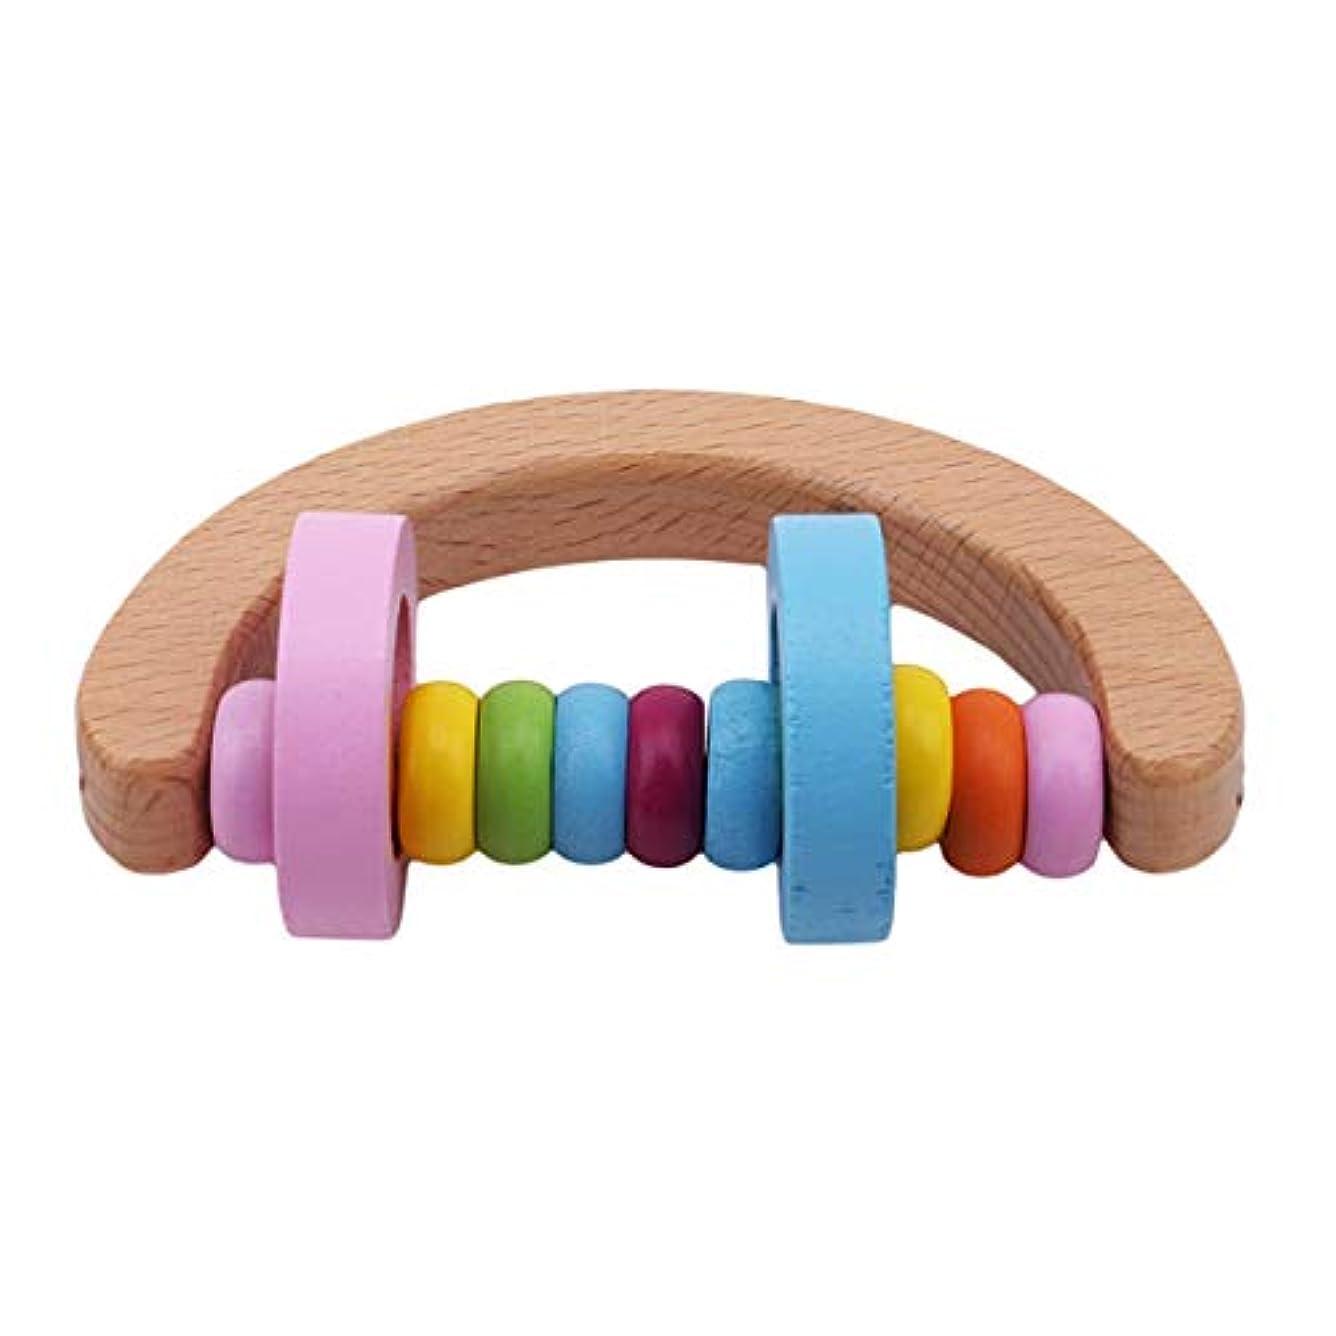 外部避ける設計図Winwinfly 幼児ラトルハンドヘルドラトルハンドベル楽器ラトル就学前のおもちゃ,半円形のガラガラ